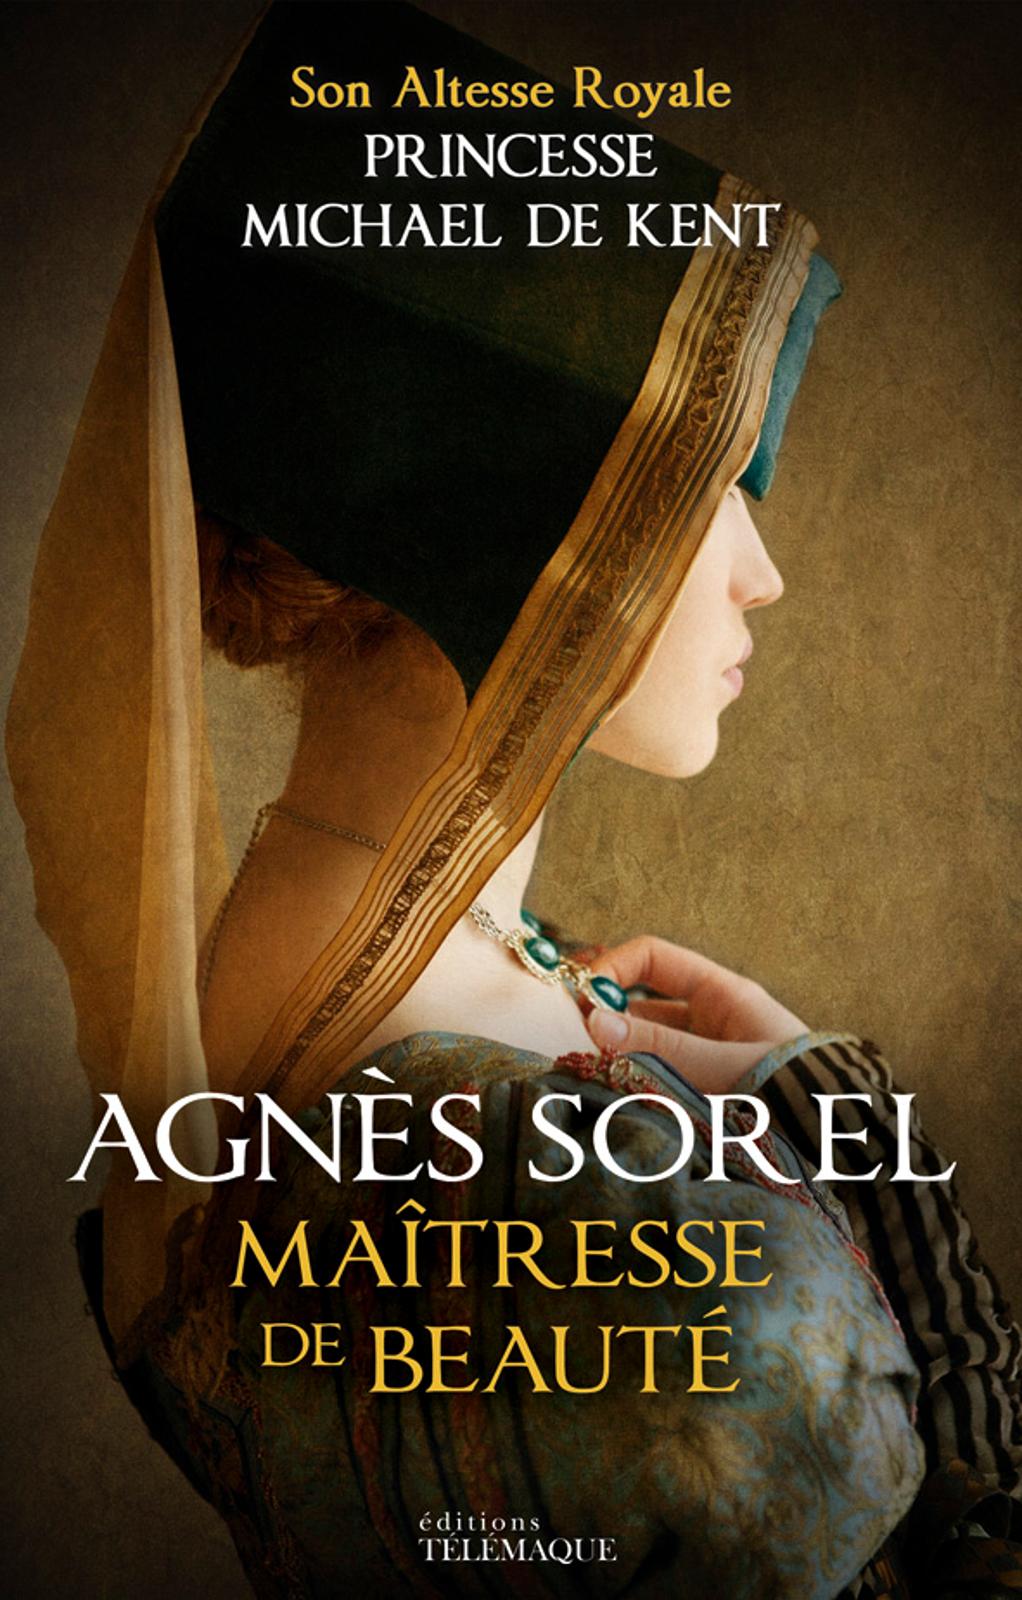 Agnès Sorel maîtresse de Be...